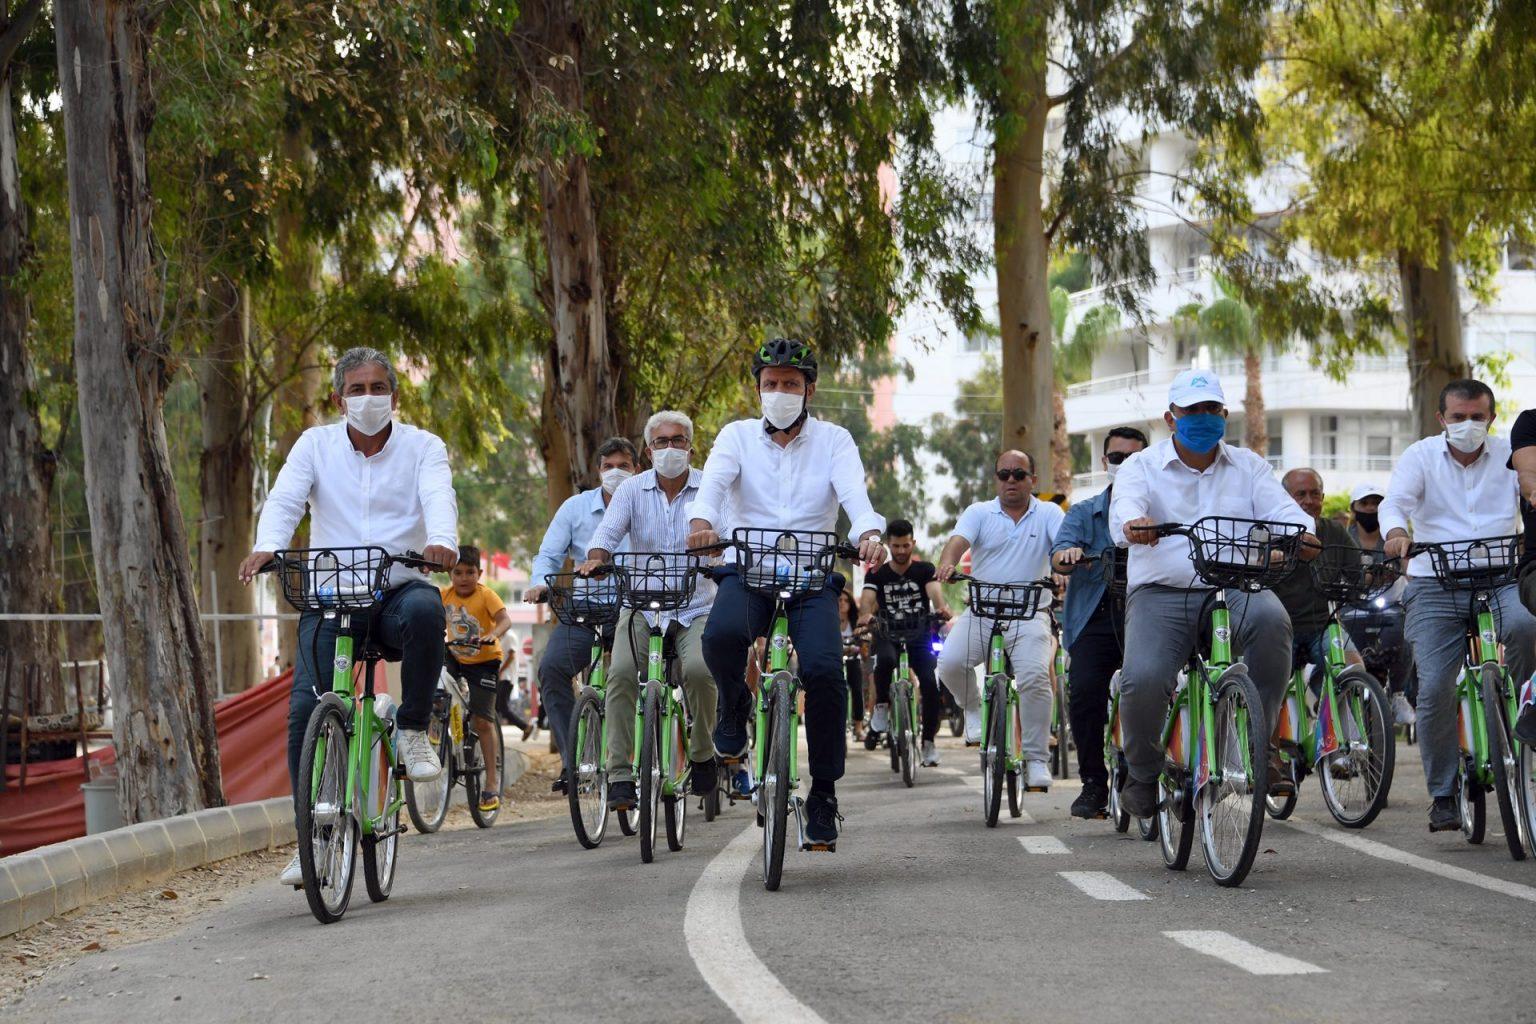 Bisiklet kullanımı KentBis'le yaygınlaştı.